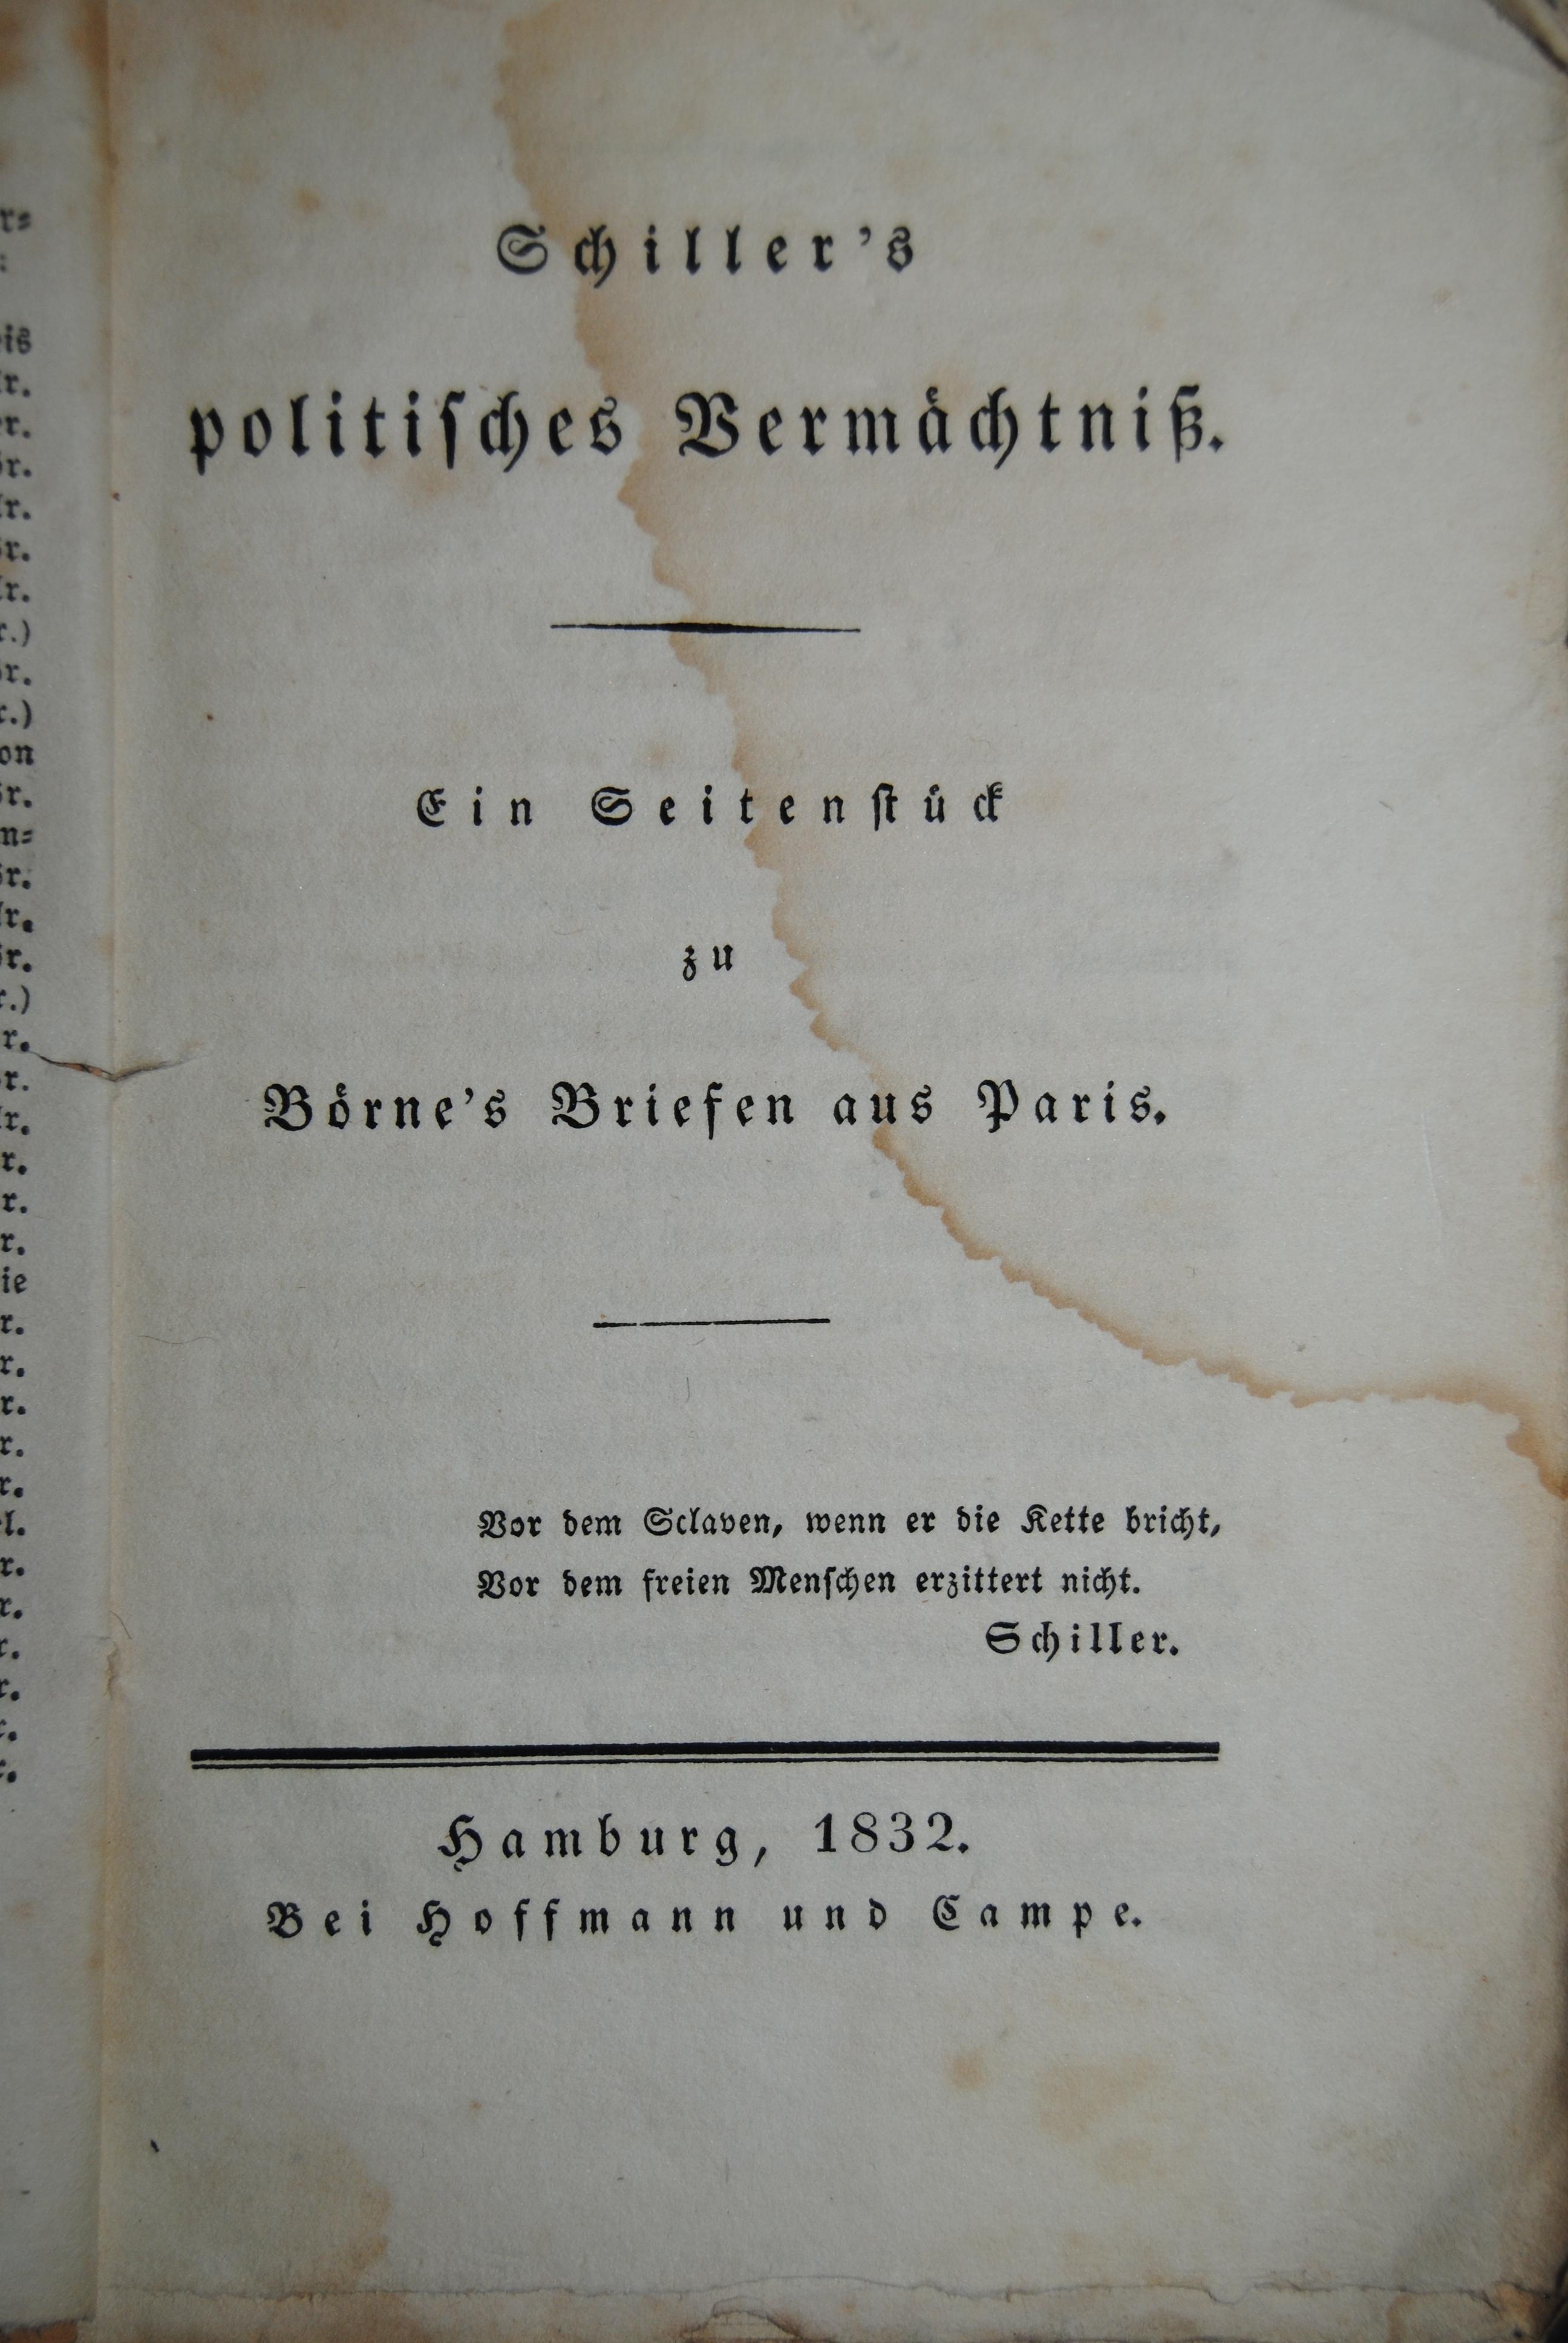 Schiller's politisches Vermächtniß- Ein Seitenstück zu Börne's: Schiller. - (Campe,